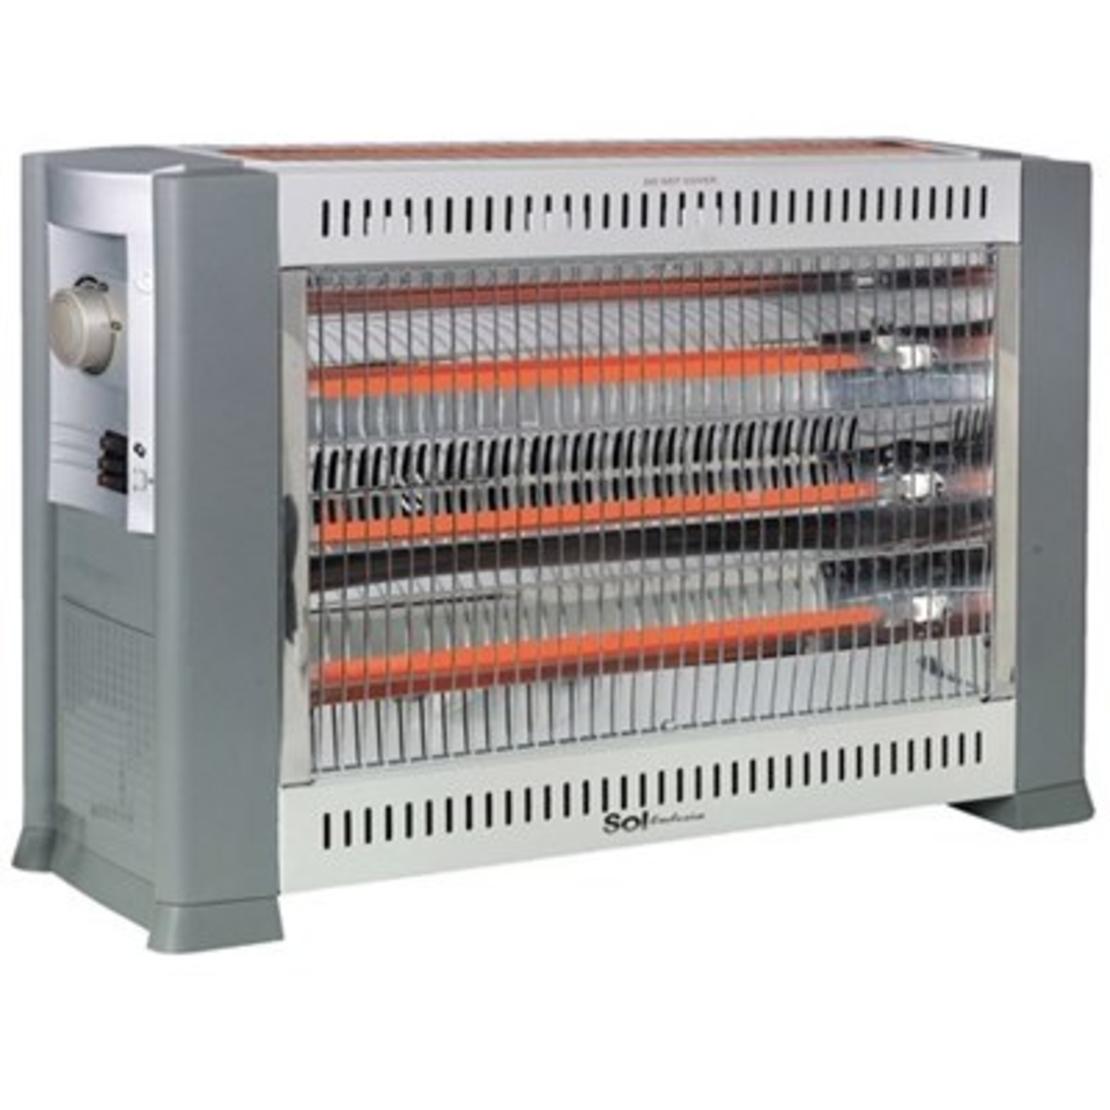 תנור קוורץ טורבו סול SL-6000